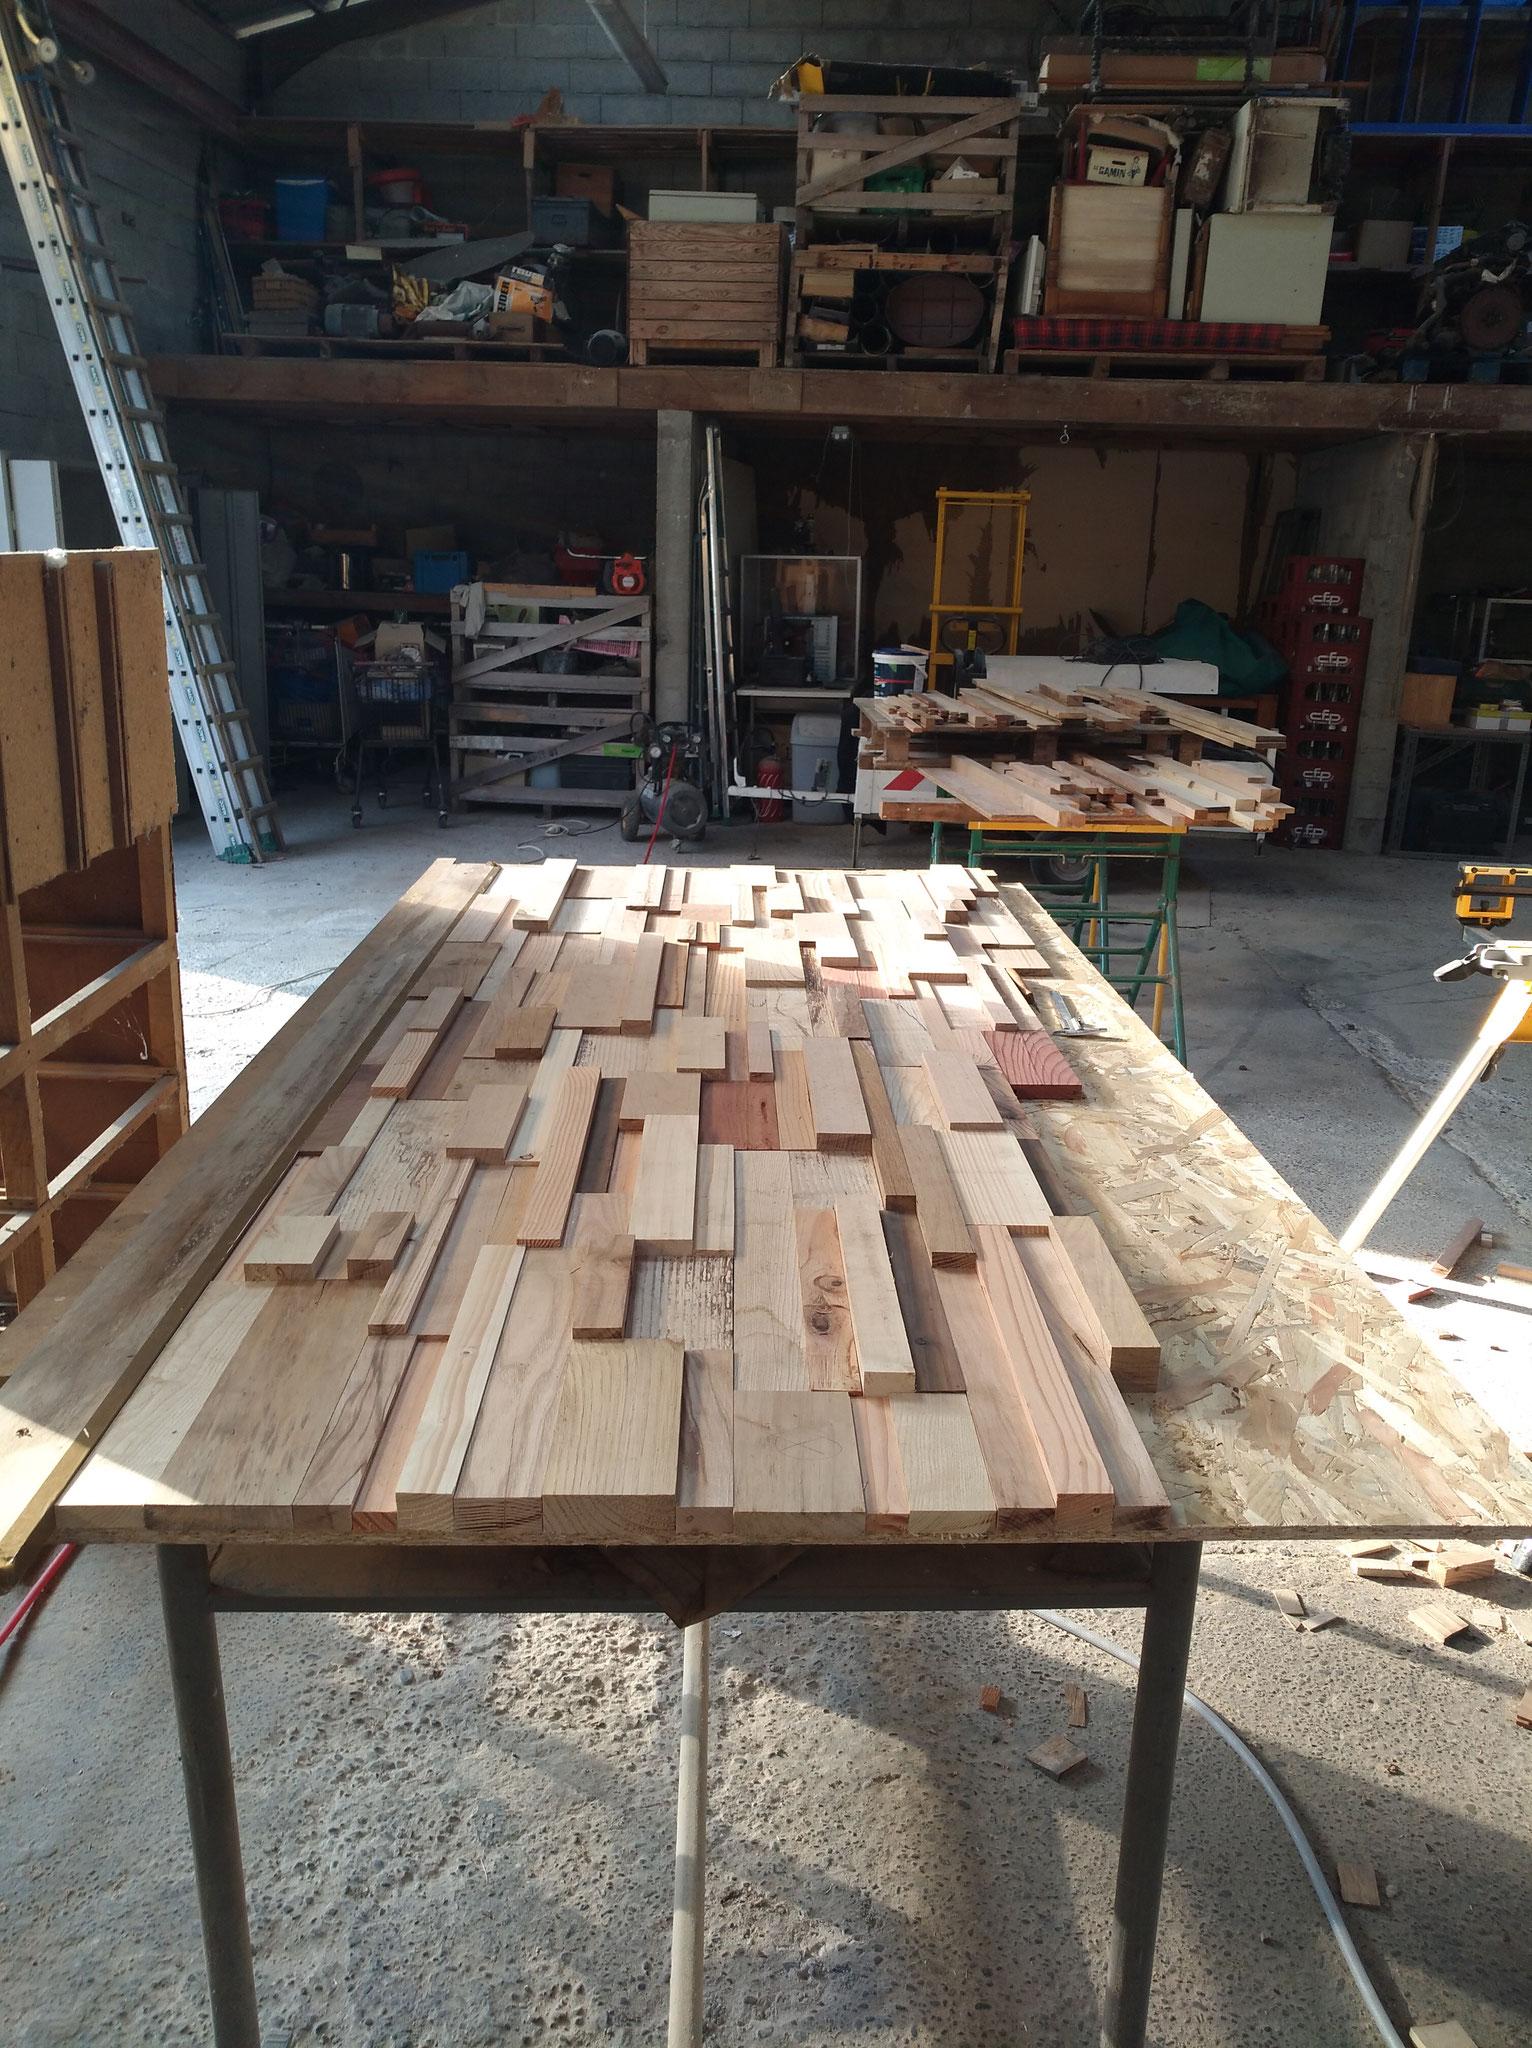 Panneaux d'habillage mobilier Scrapwood